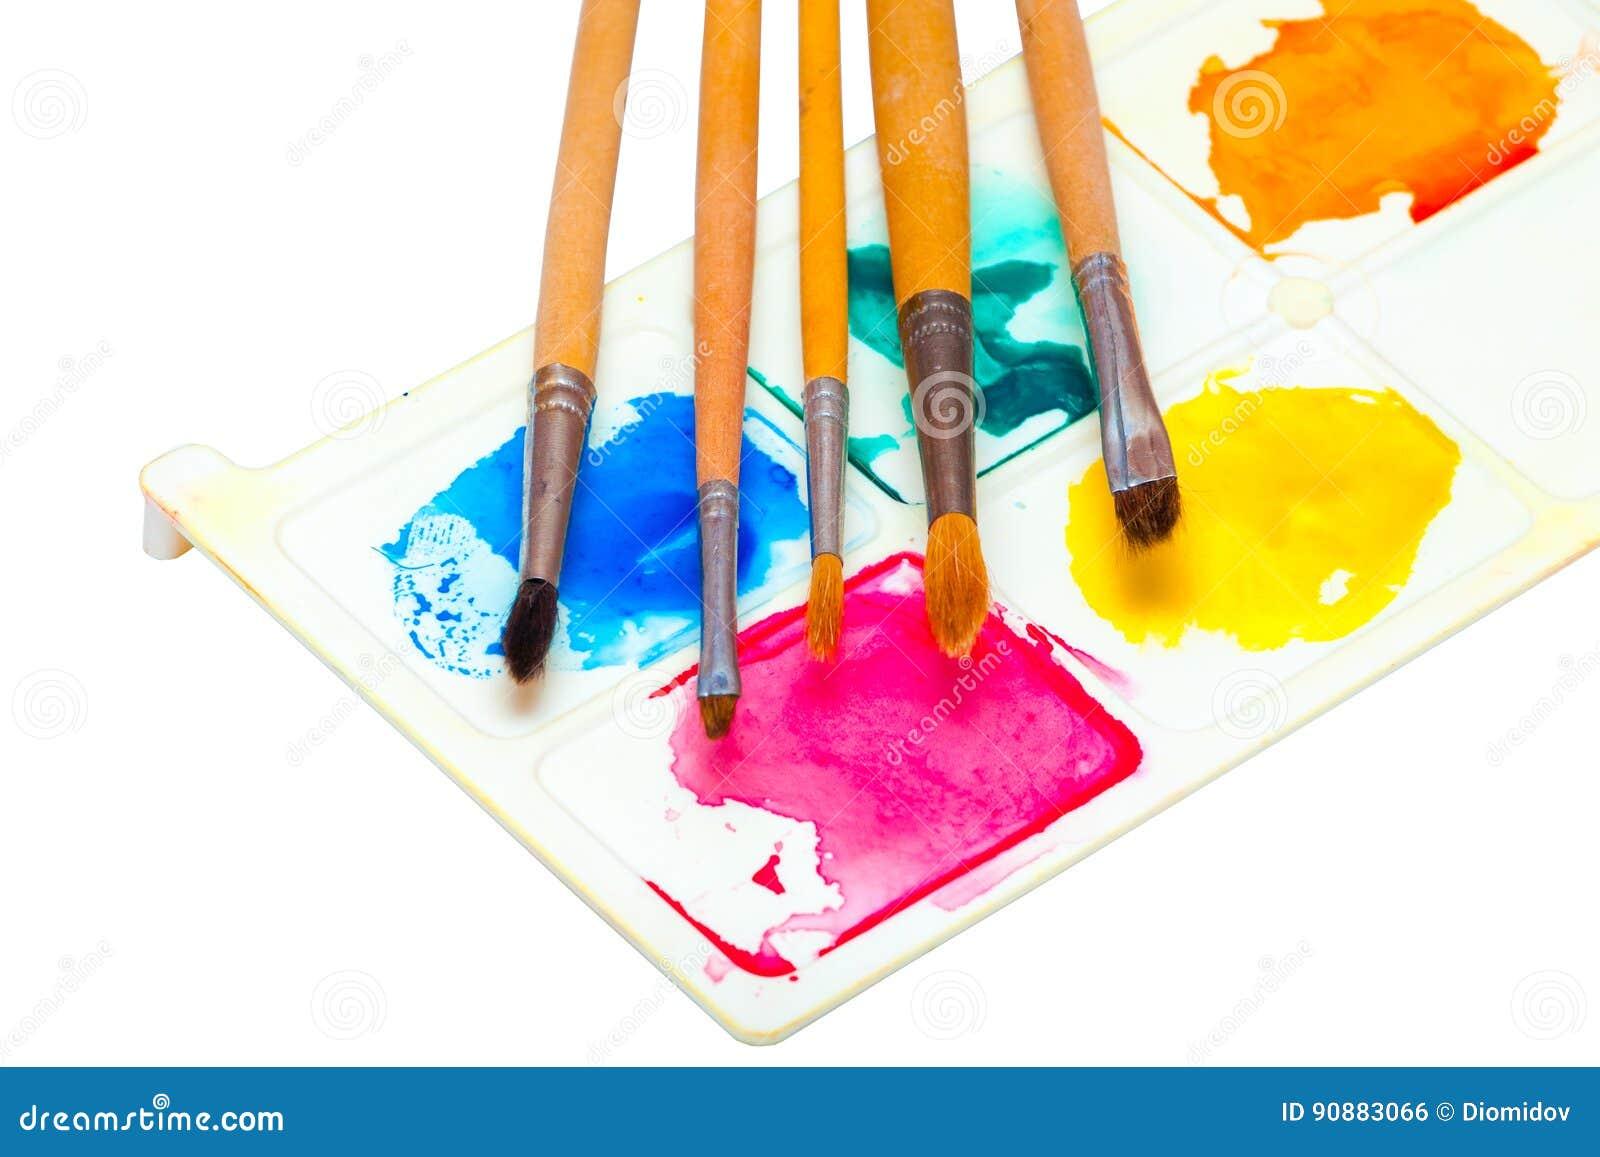 Vijf borstels voor het schilderen van waterverf op een palet met verven op een witte achtergrond